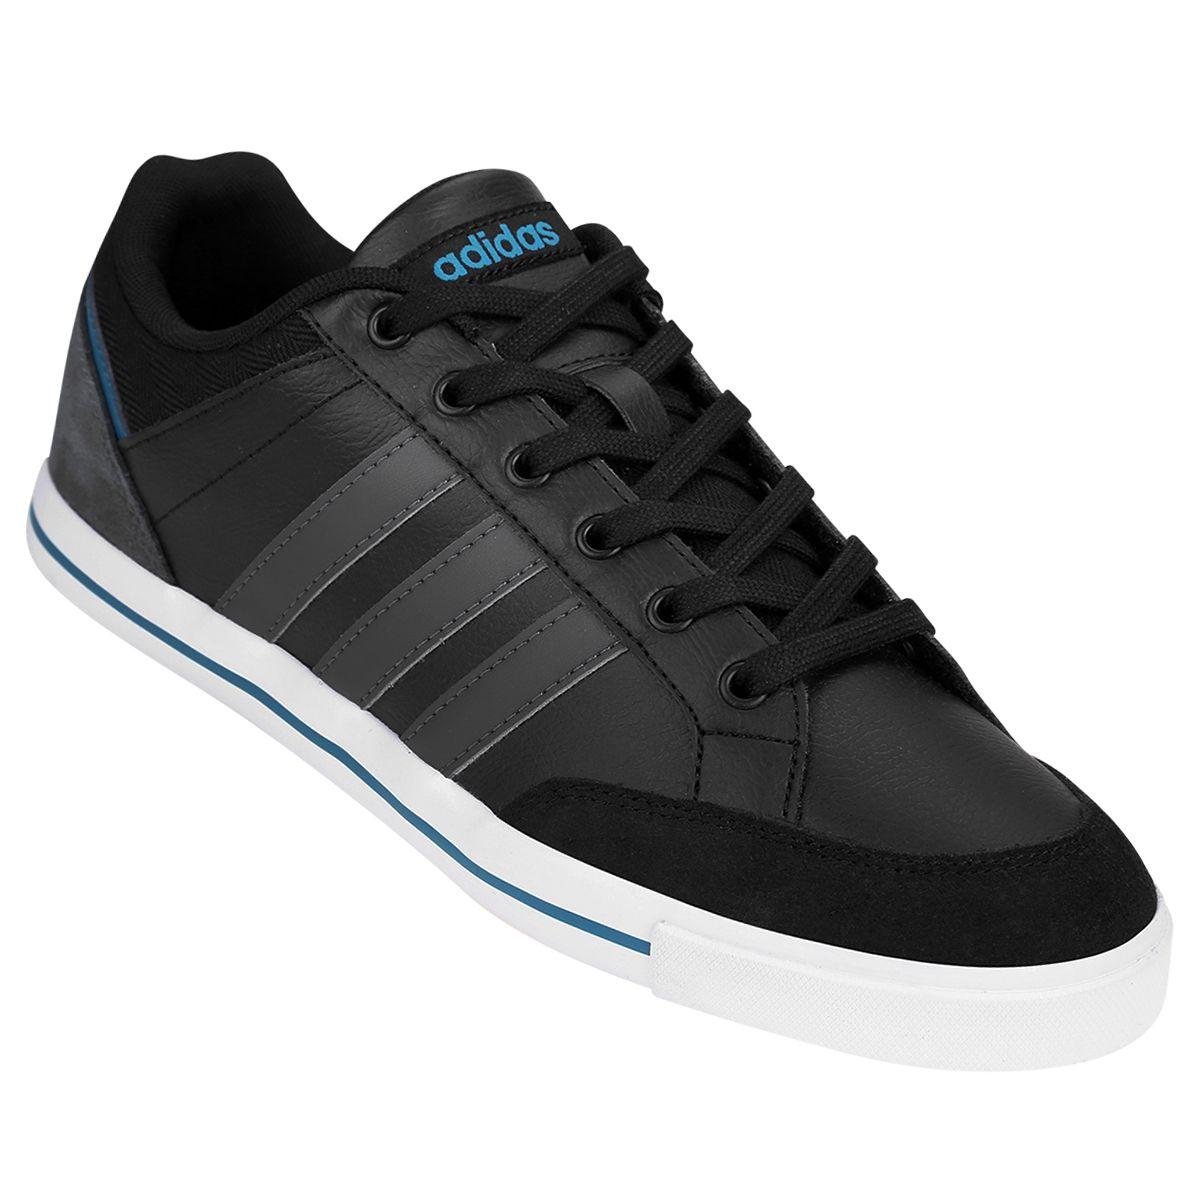 Zapatillas adidas Cacity Negro | Netshoes